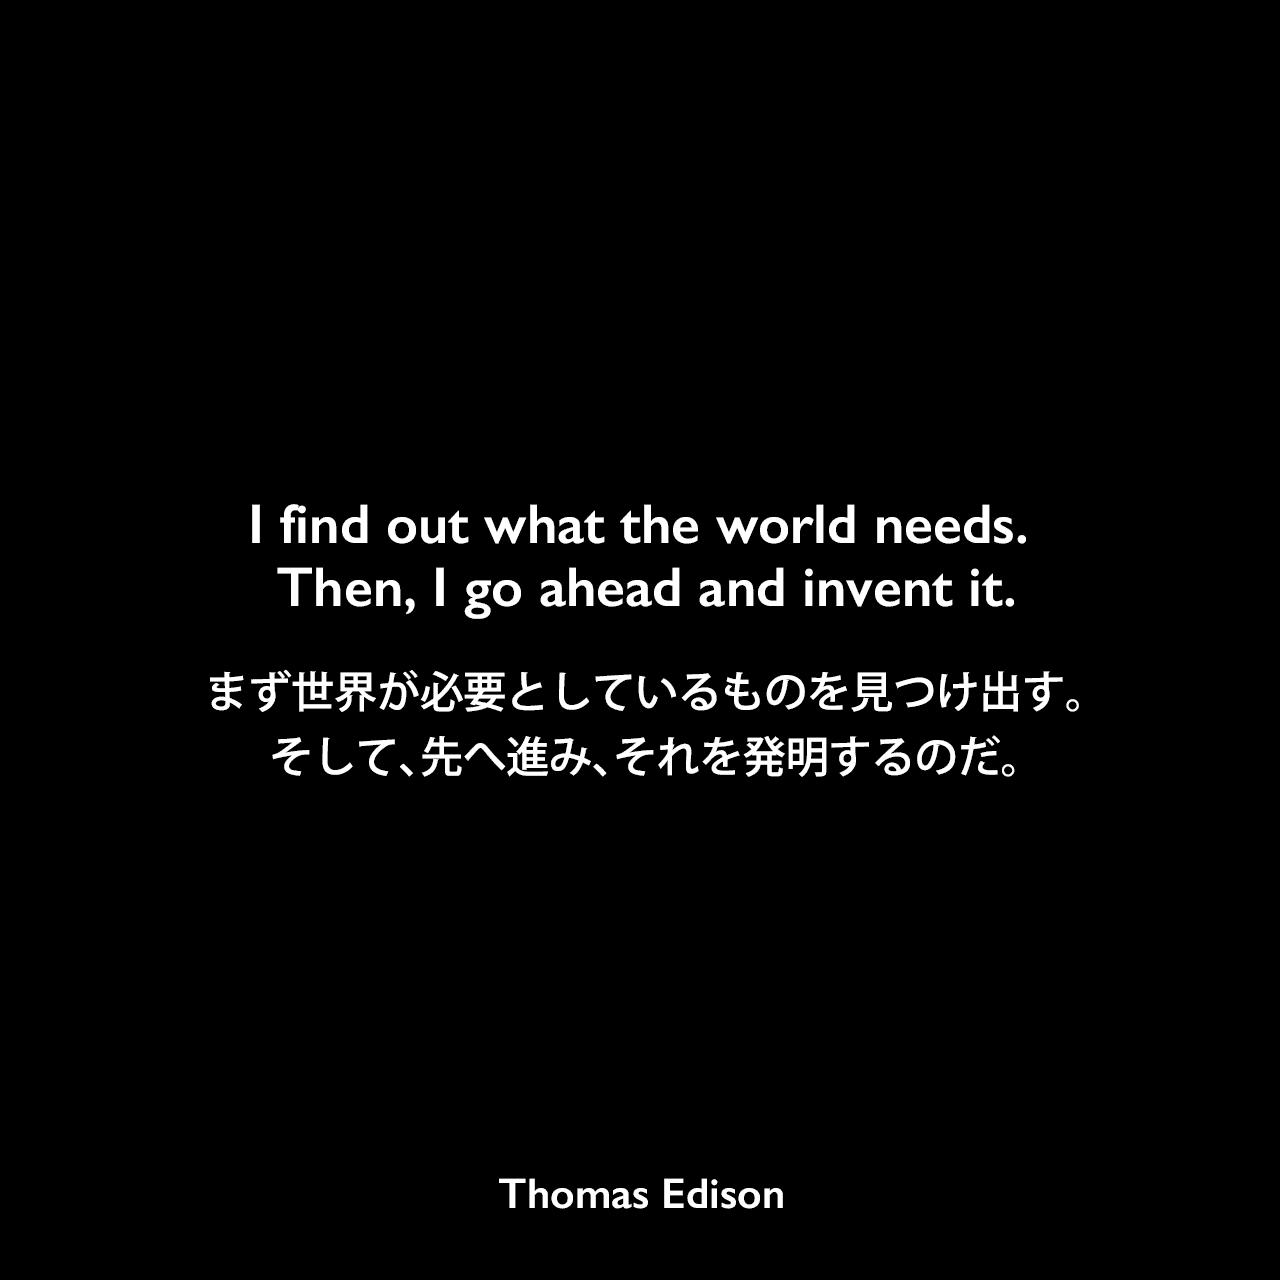 I find out what the world needs. Then, I go ahead and invent it.まず世界が必要としているものを見つけ出す。そして、先へ進み、それを発明するのだ。- Edison Innovation Foundationよりエジソンの言葉として引用Thomas Edison